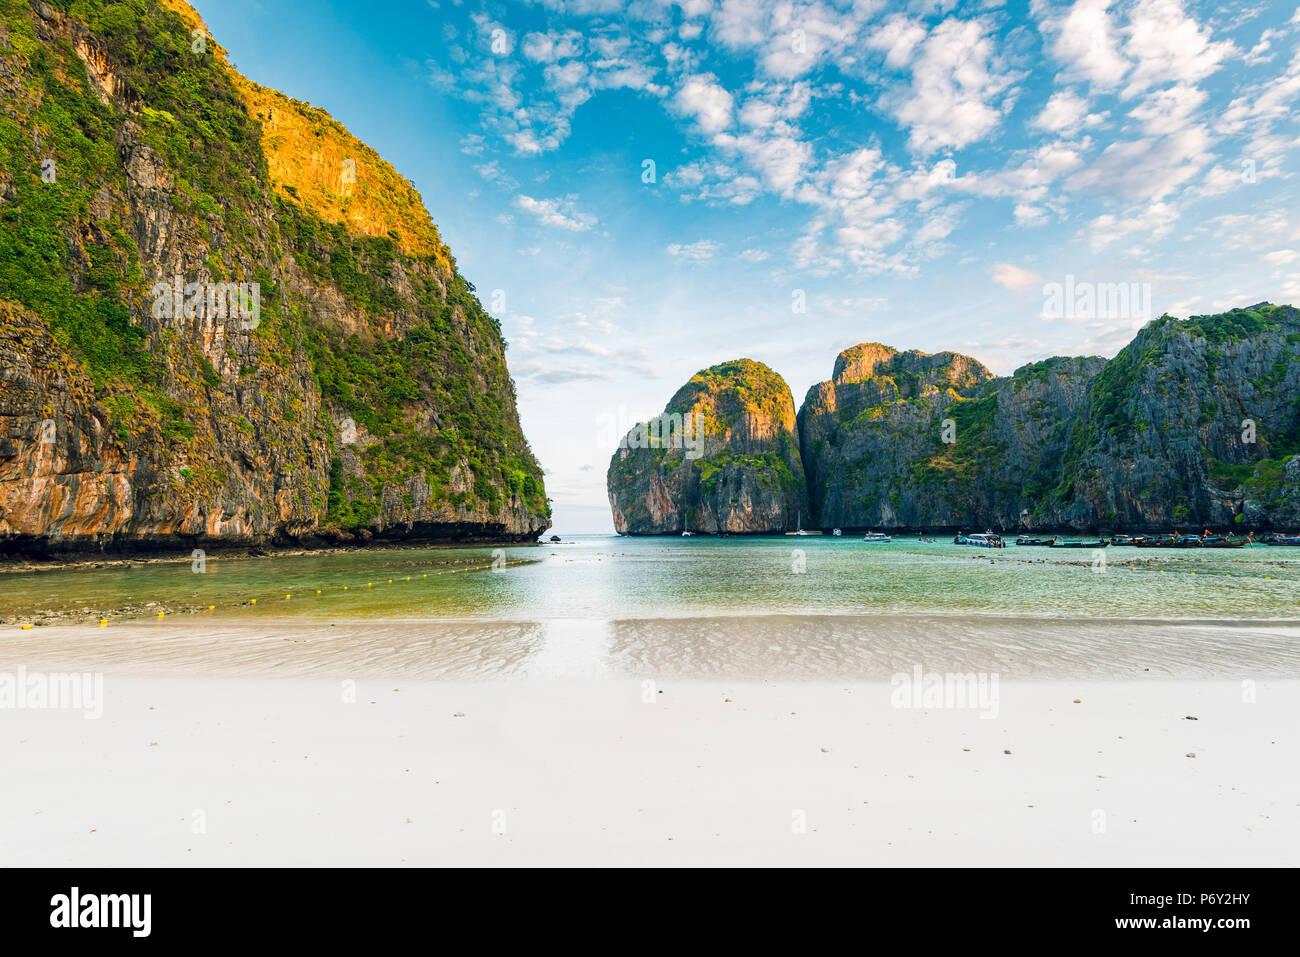 Ao Maya Beach (Maya Bay), Ko Phi Phi Leh, provincia de Krabi, Tailandia. Foto de stock